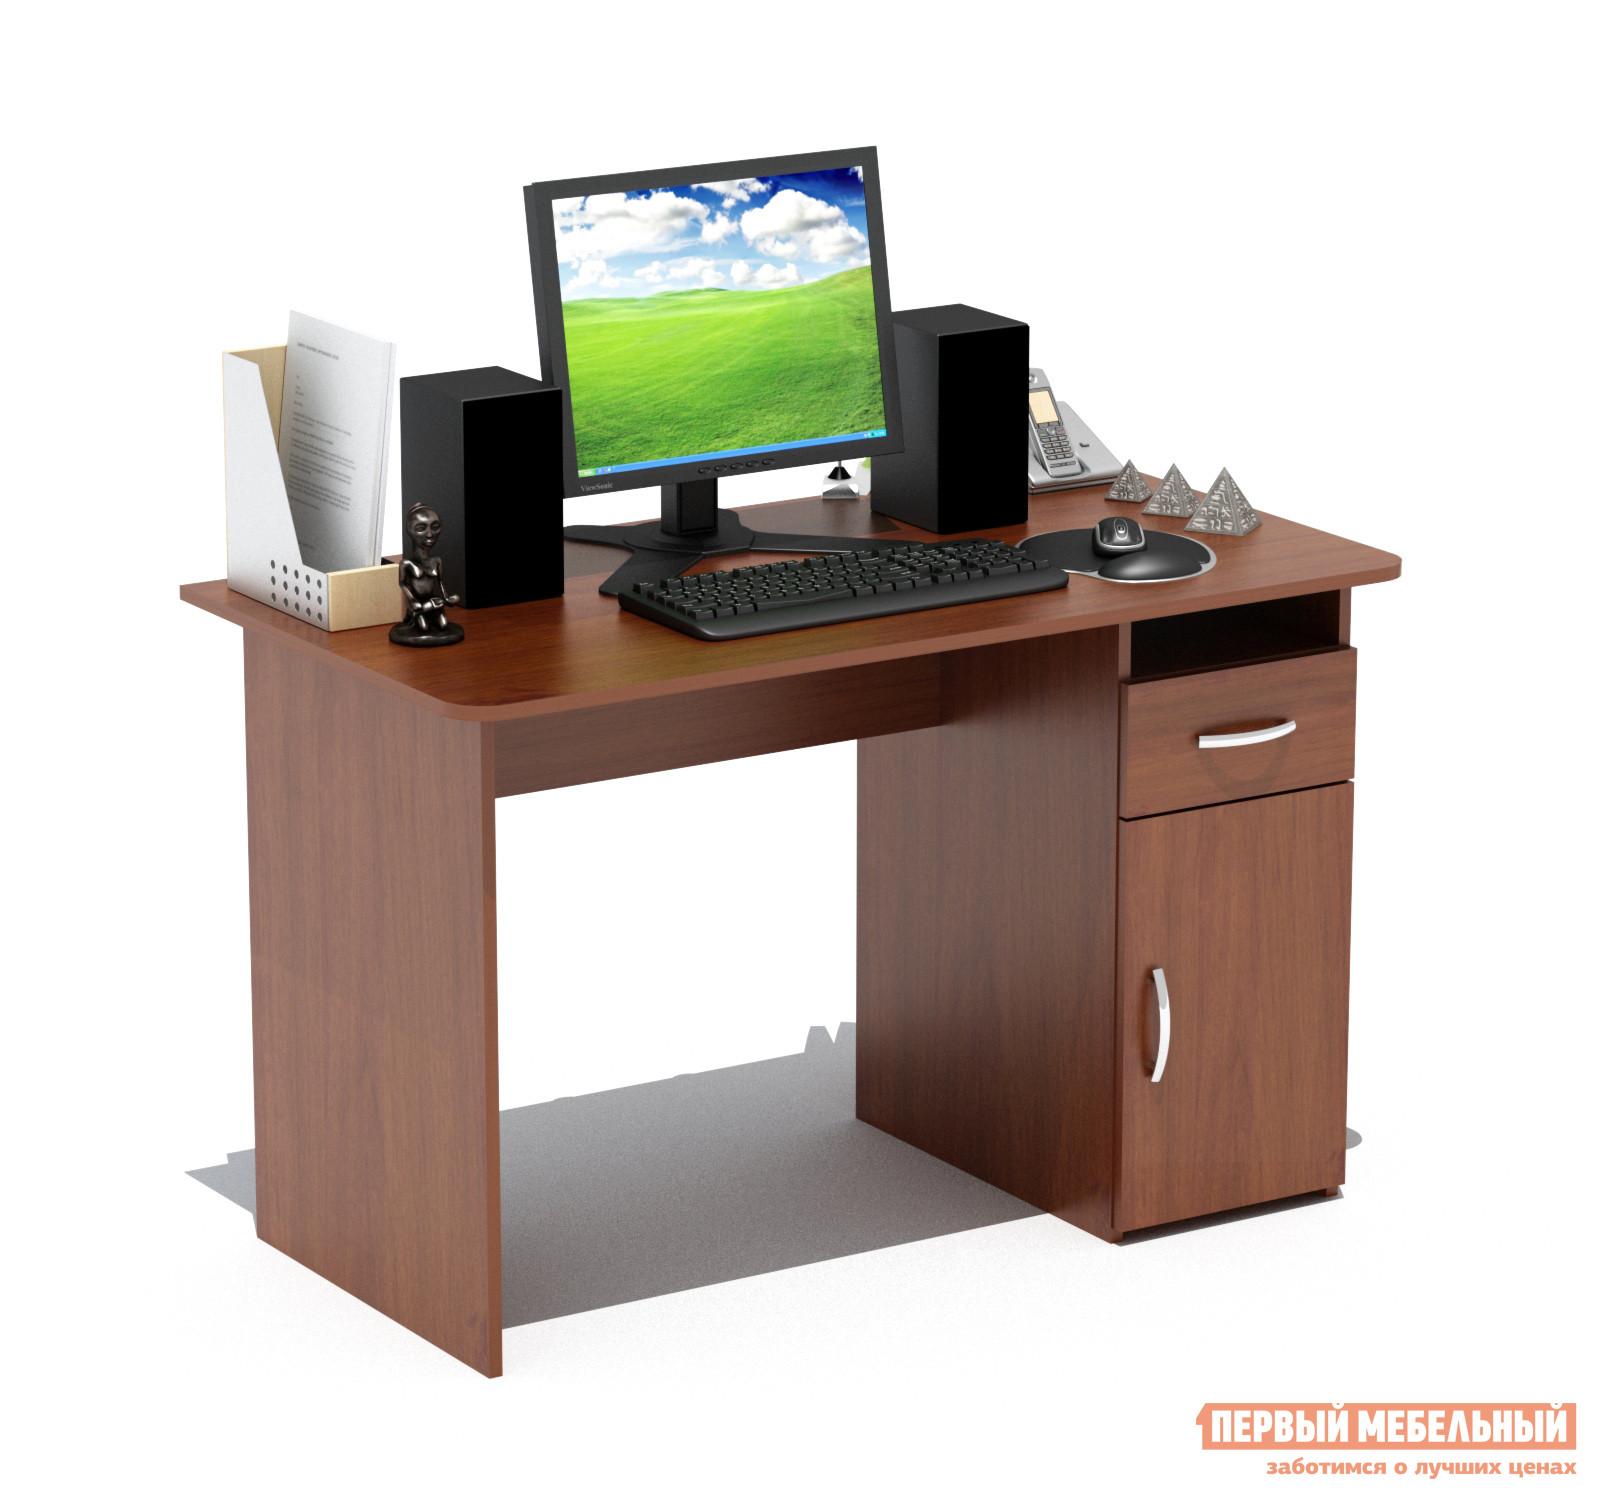 Письменный стол Сокол СПМ-03.1 Испанский орехПисьменные столы<br>Габаритные размеры ВхШхГ 740x1200x600 мм. Классический  письменный стол шириной  1200 мм со встроенной тумбой.  Просторная столешница позволит удобно расположиться за столом и работать с большим объемом документов.  Тумба оснащена  открытой нишей, выдвижным  ящиком и закрытой полкой. Внутренний размер ящика составляет 382 х 223 мм, что позволит разместить в нем документы формата А4, канцелярские принадлежности и необходимые мелочи. Стол универсален при сборке (вы можете расположить тумбу как справа, так и слева). Стол изготовлен из высококачественного ламинированного ДСП  российского производства толщиной 16 мм, края столешницы скруглены и отделаны противоударным кромкой ПВХ.  Изделие поставляется в разобранном виде.  Хорошо упаковано в гофротару вместе с необходимой фурнитурой и подробной инструкцией по сборке.  Простой строгий стол прекрасно впишется в интерьер комнаты или офиса.  Рекомендуем сохранить инструкцию по сборке (паспорт изделия) до истечения гарантийного срока.<br><br>Цвет: Красное дерево<br>Высота мм: 740<br>Ширина мм: 1200<br>Глубина мм: 600<br>Кол-во упаковок: 1<br>Форма поставки: В разобранном виде<br>Срок гарантии: 2 года<br>Тип: Прямые<br>Материал: Дерево<br>Материал: ЛДСП<br>Размер: Большие<br>Размер: Ширина 120 см<br>С ящиками: Да<br>Без надстройки: Да<br>С тумбой: Да<br>Стиль: Современный<br>Стиль: Модерн